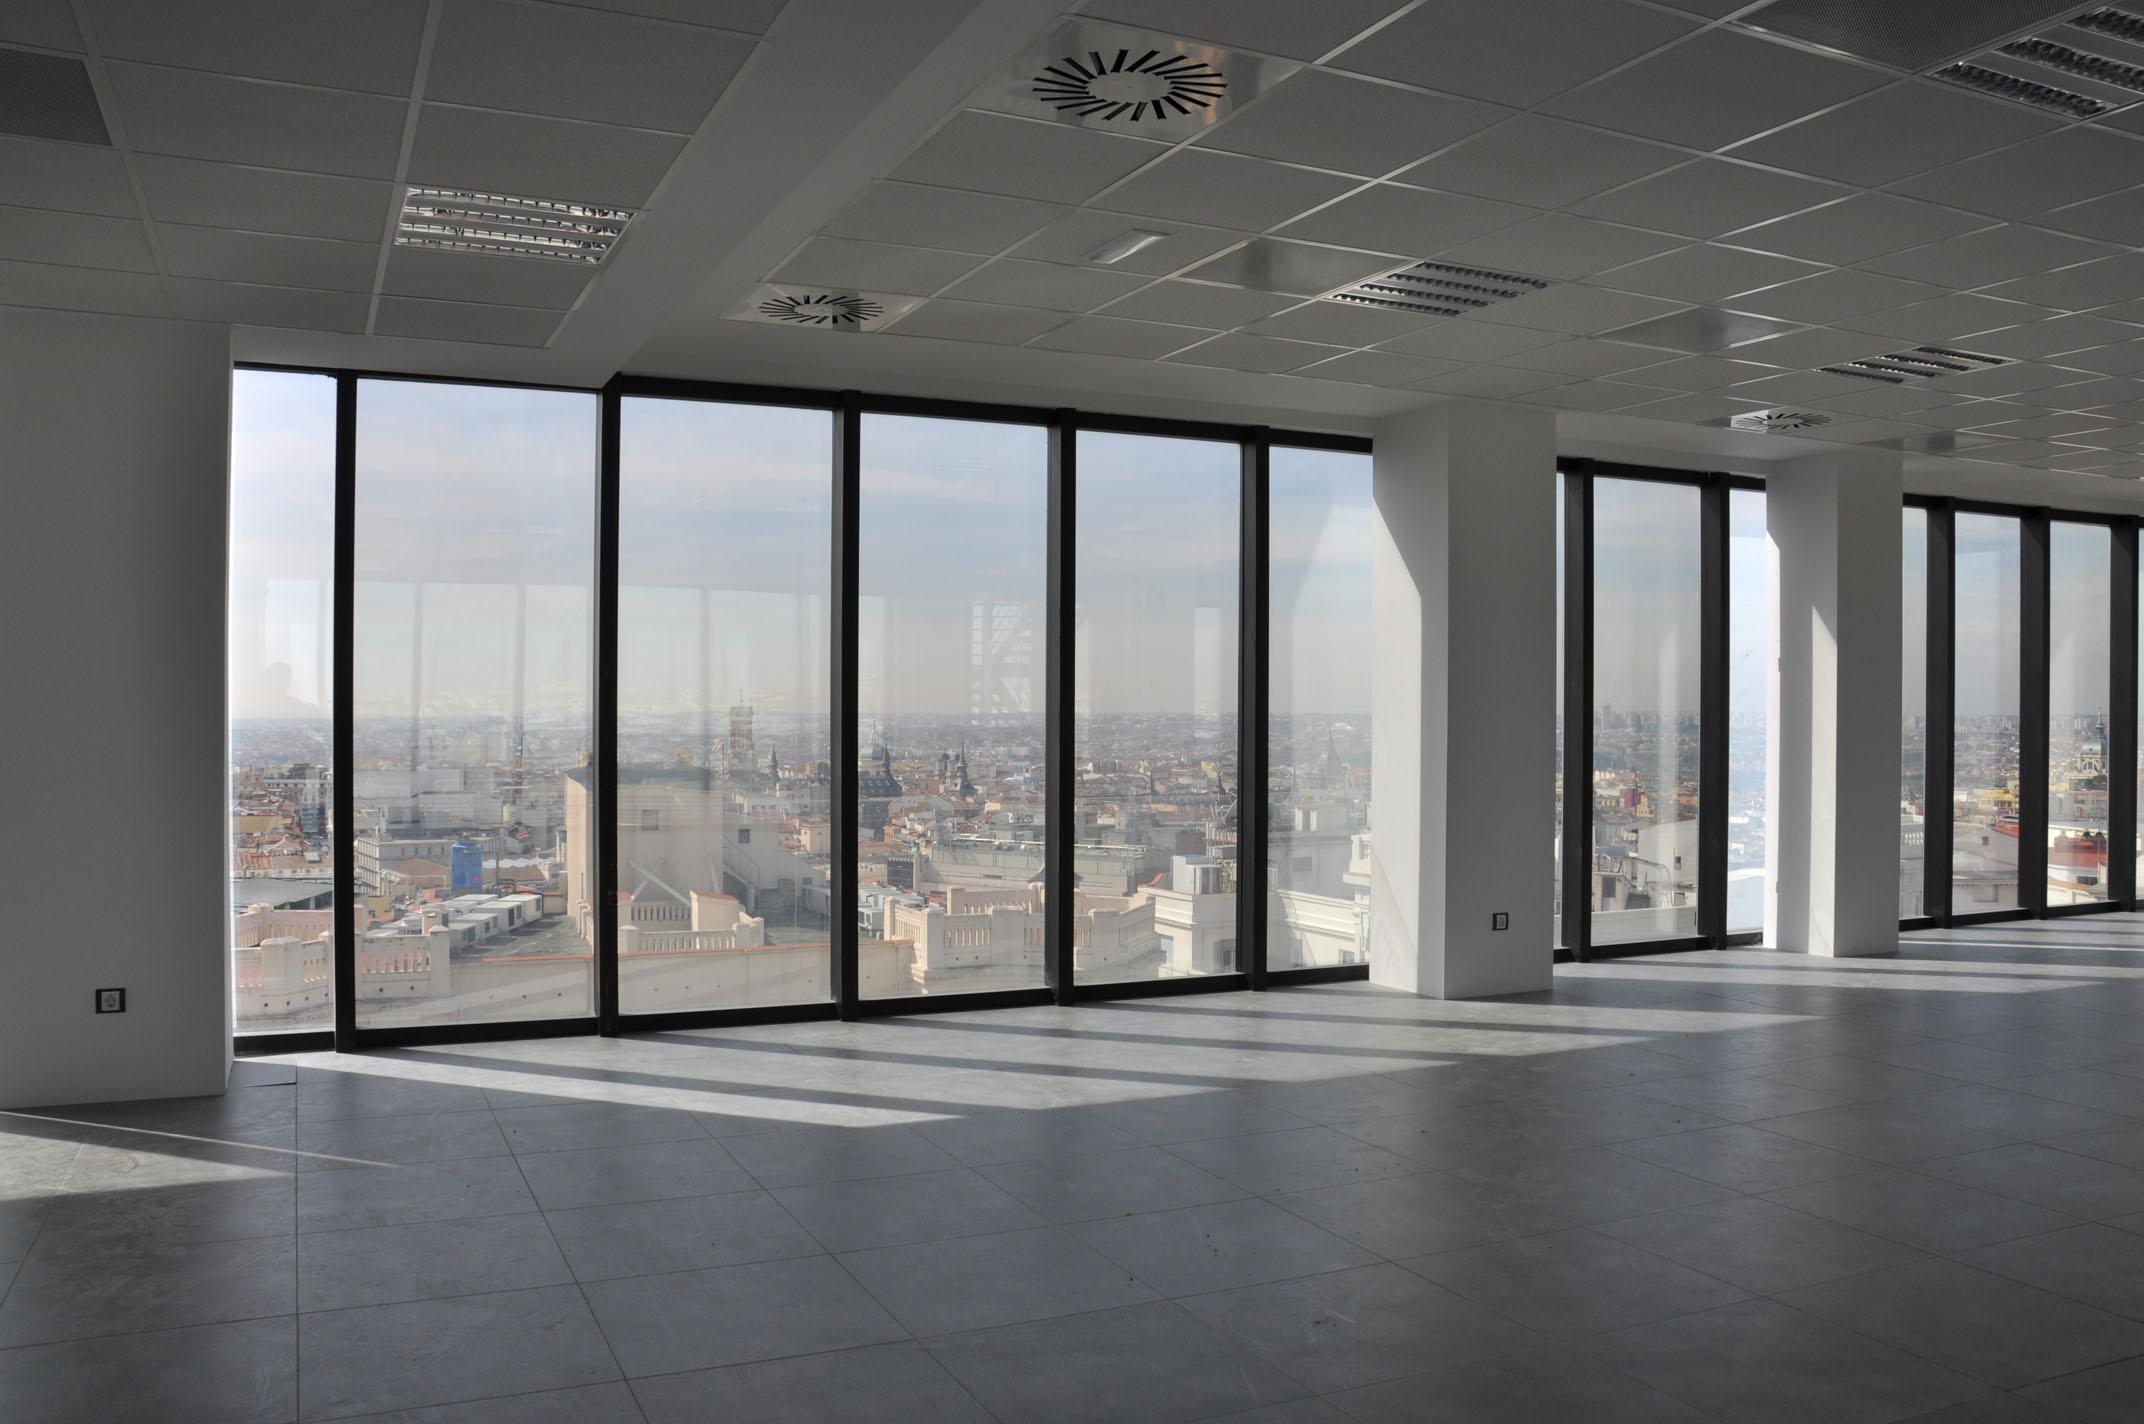 Oficinas en gran v a 30 cci for Oficina virtual bankia particulares